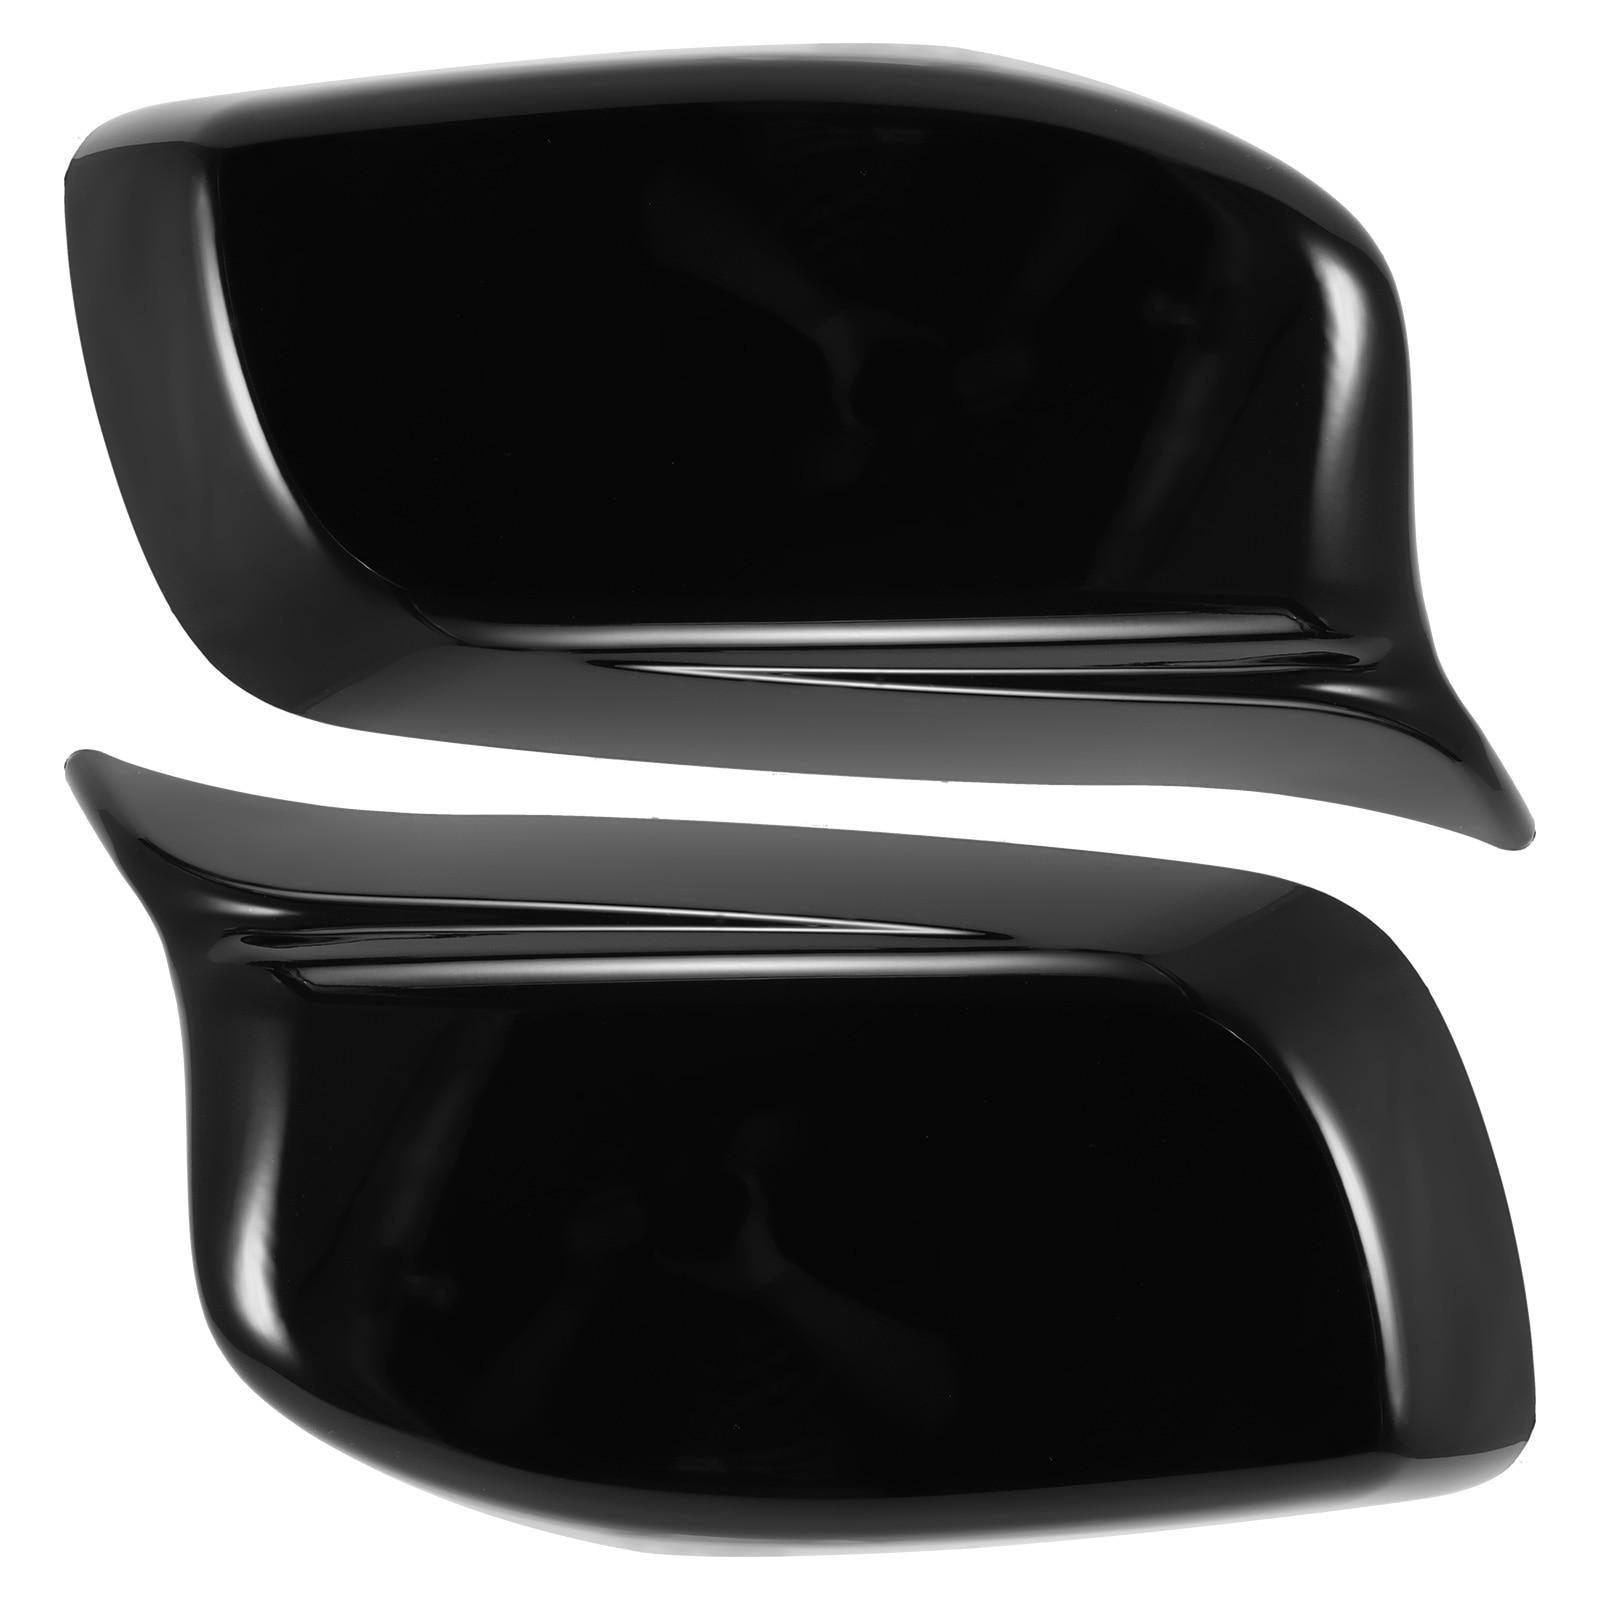 سيارة مرآة الرؤية الخلفية الإطار مقاومة للتآكل مرآة الإطار المضادة للتصادم الأسود مرآة الرؤية الخلفية الإسكان مع مرونة عالية